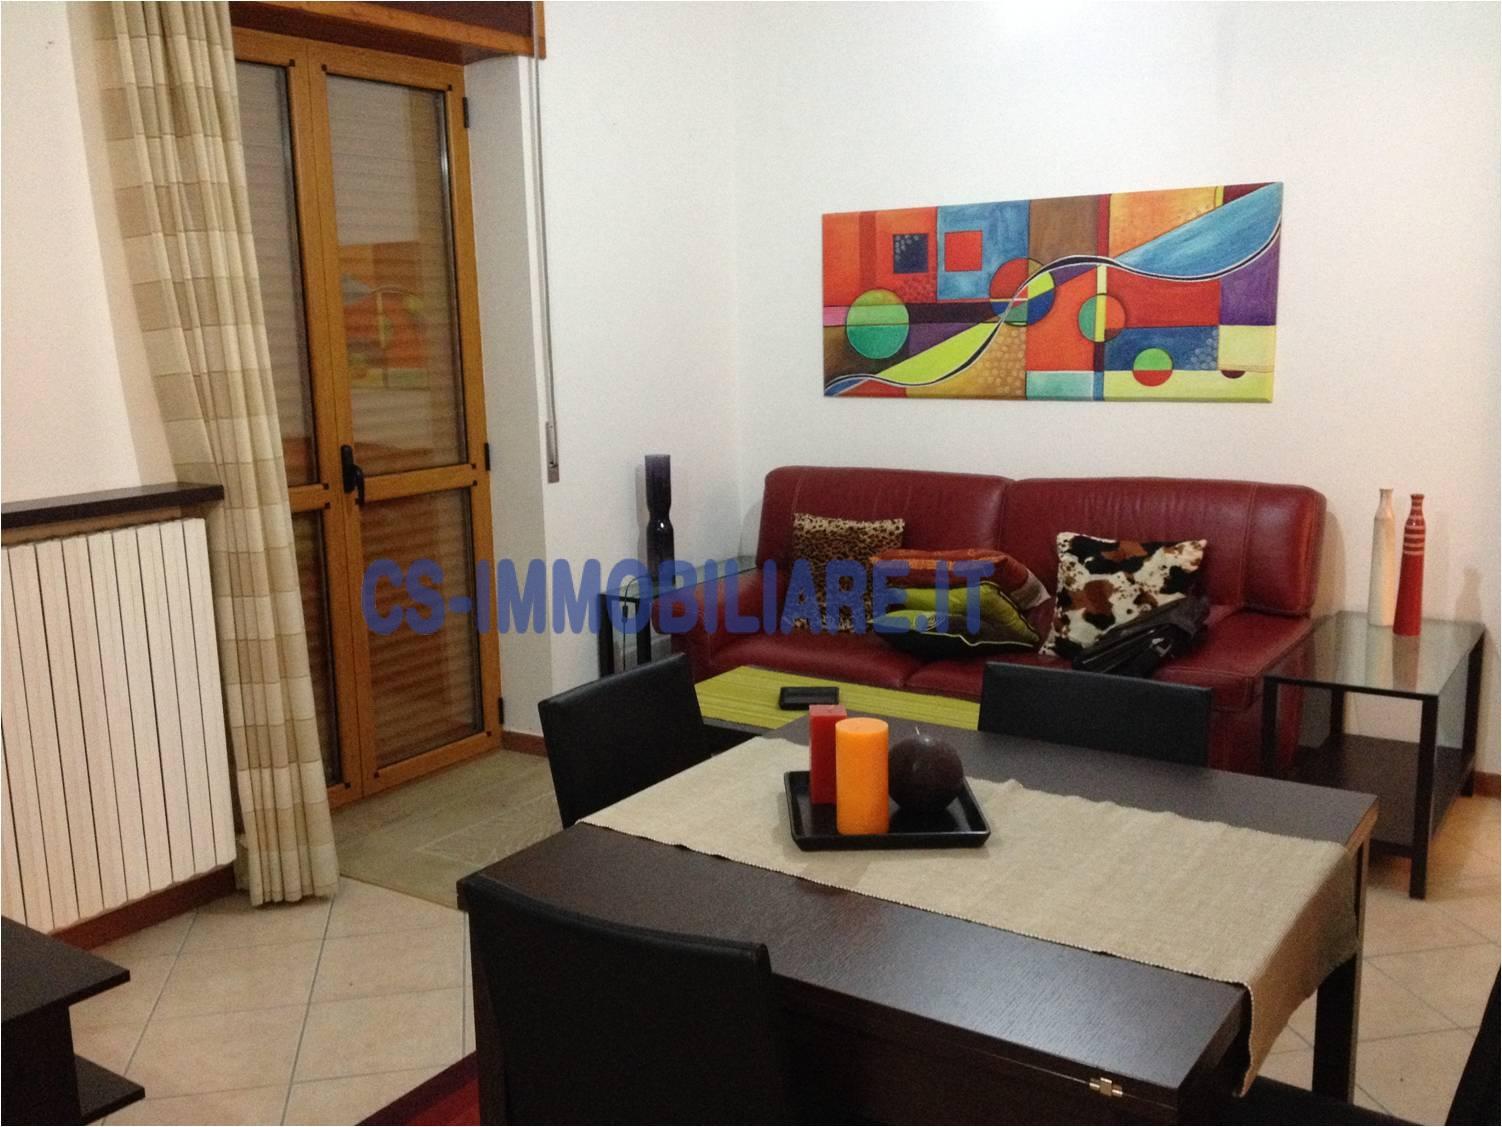 Appartamento in vendita a Tito, 3 locali, zona Località: TitoScalo, prezzo € 105.000 | CambioCasa.it